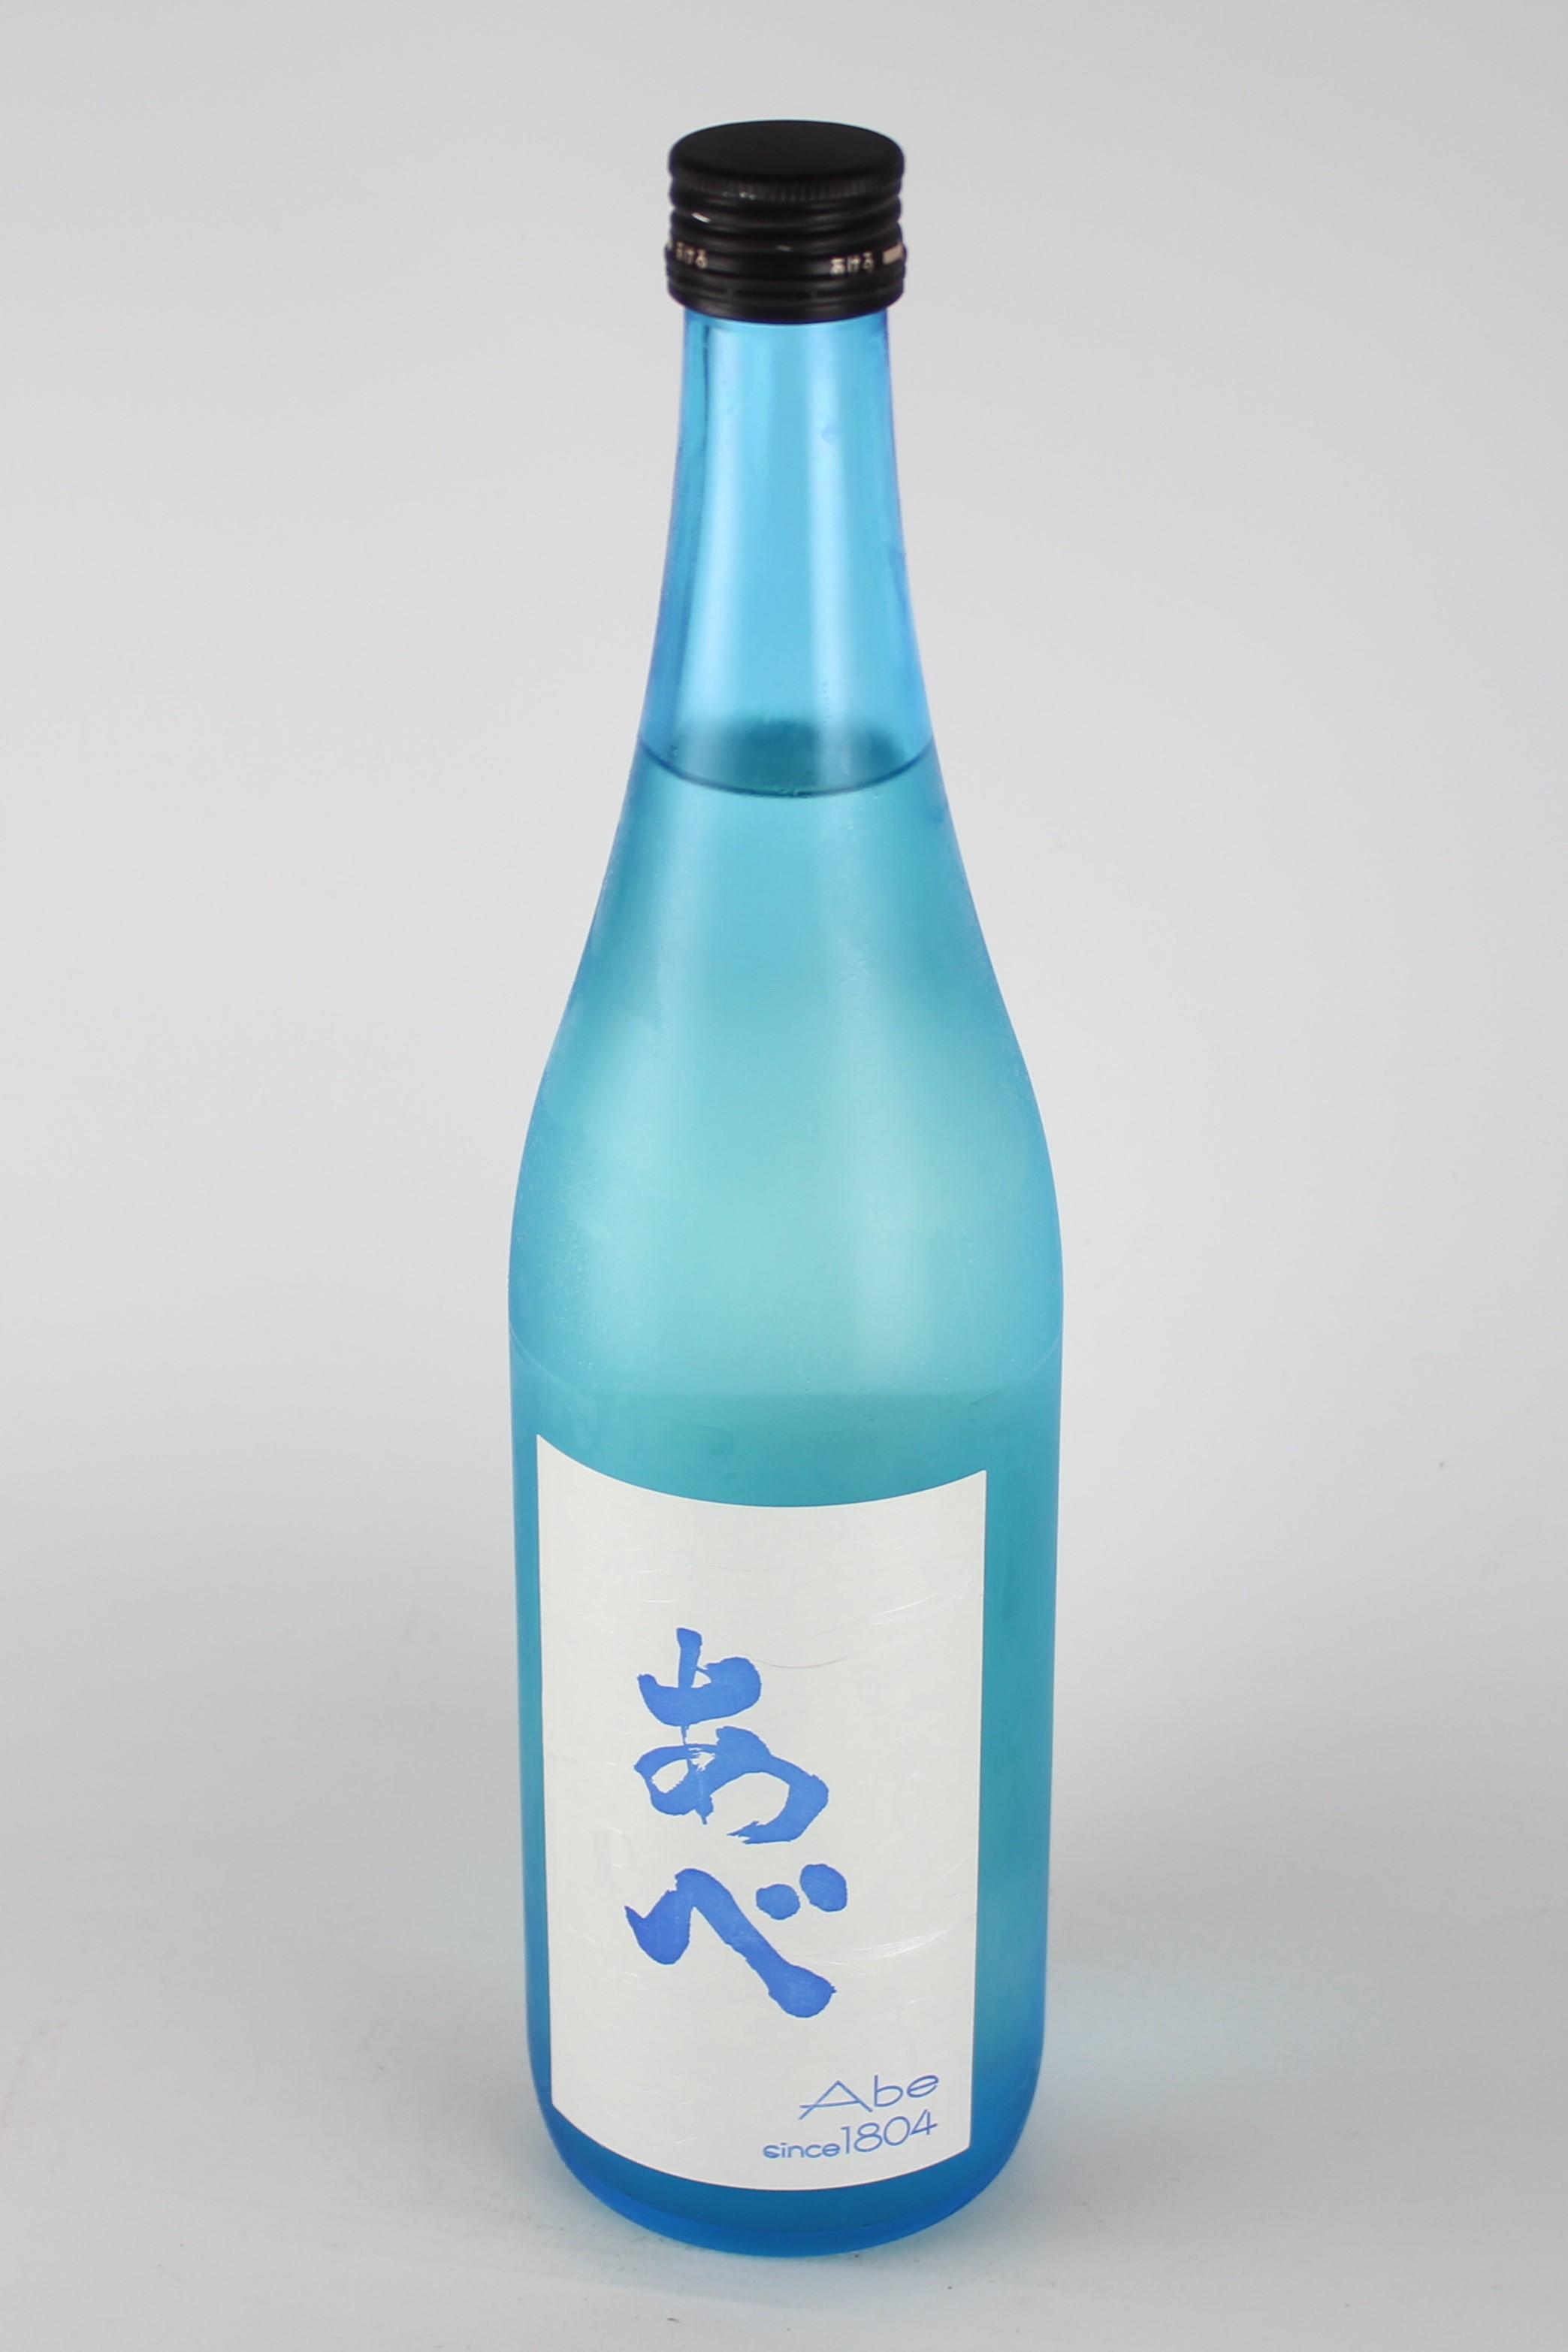 あべ2017 夏の吟 生原酒 720ml 【新潟/阿部酒造】